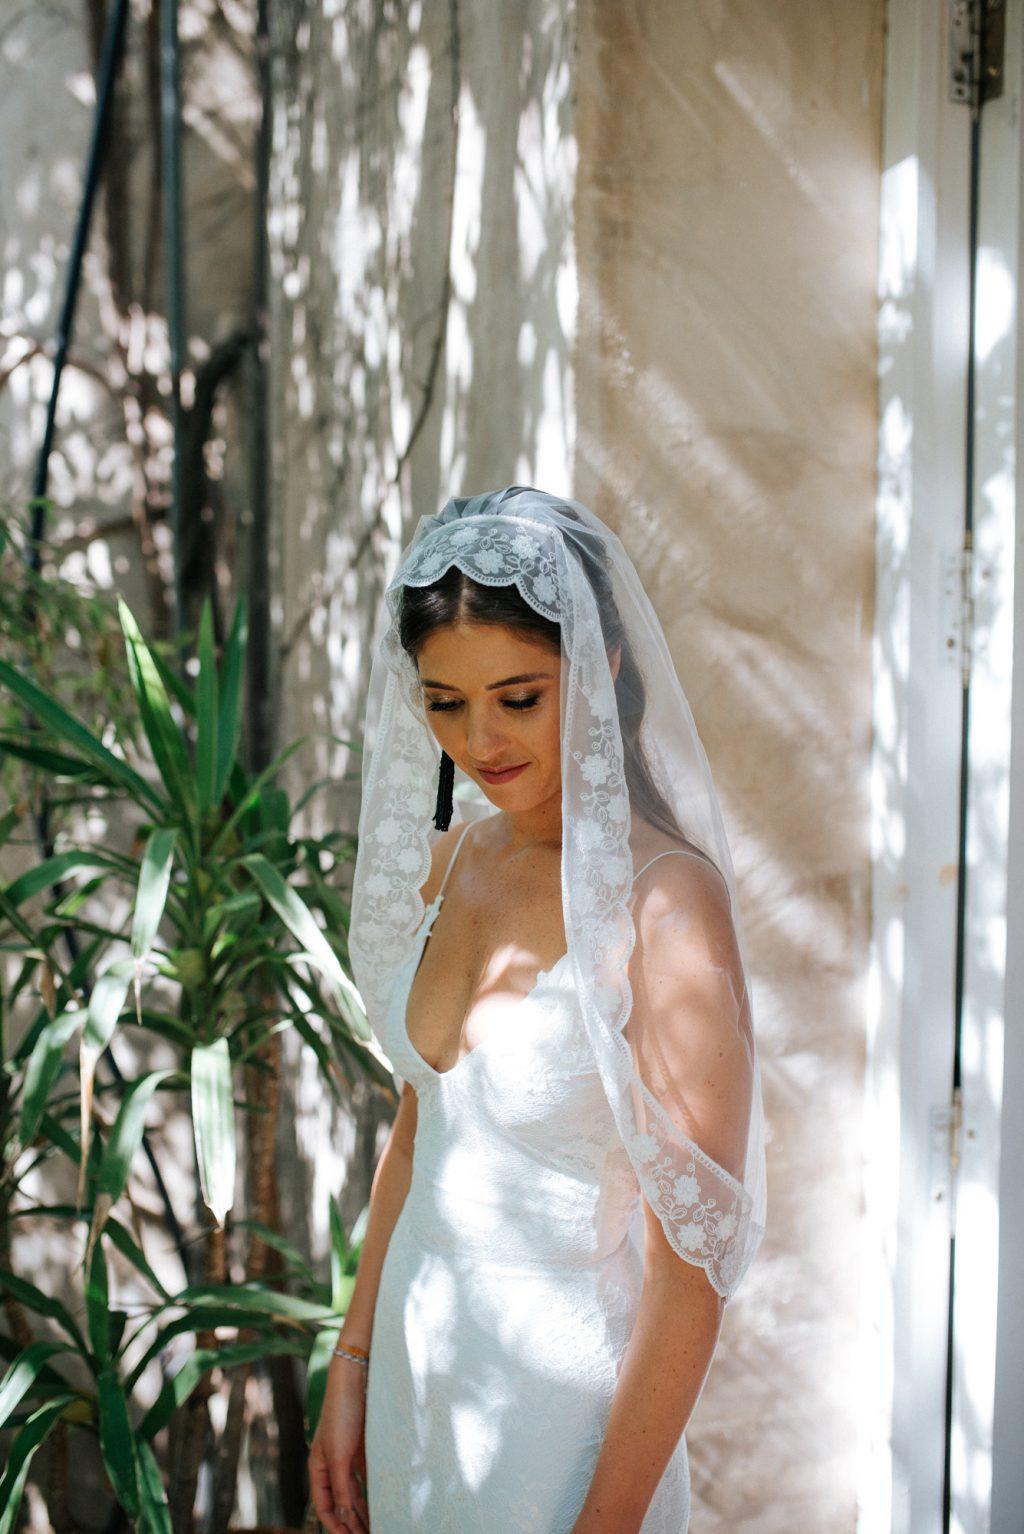 fotografos de boda dalthea 5 - Fotografía Natural y sin Posado con d'Althea